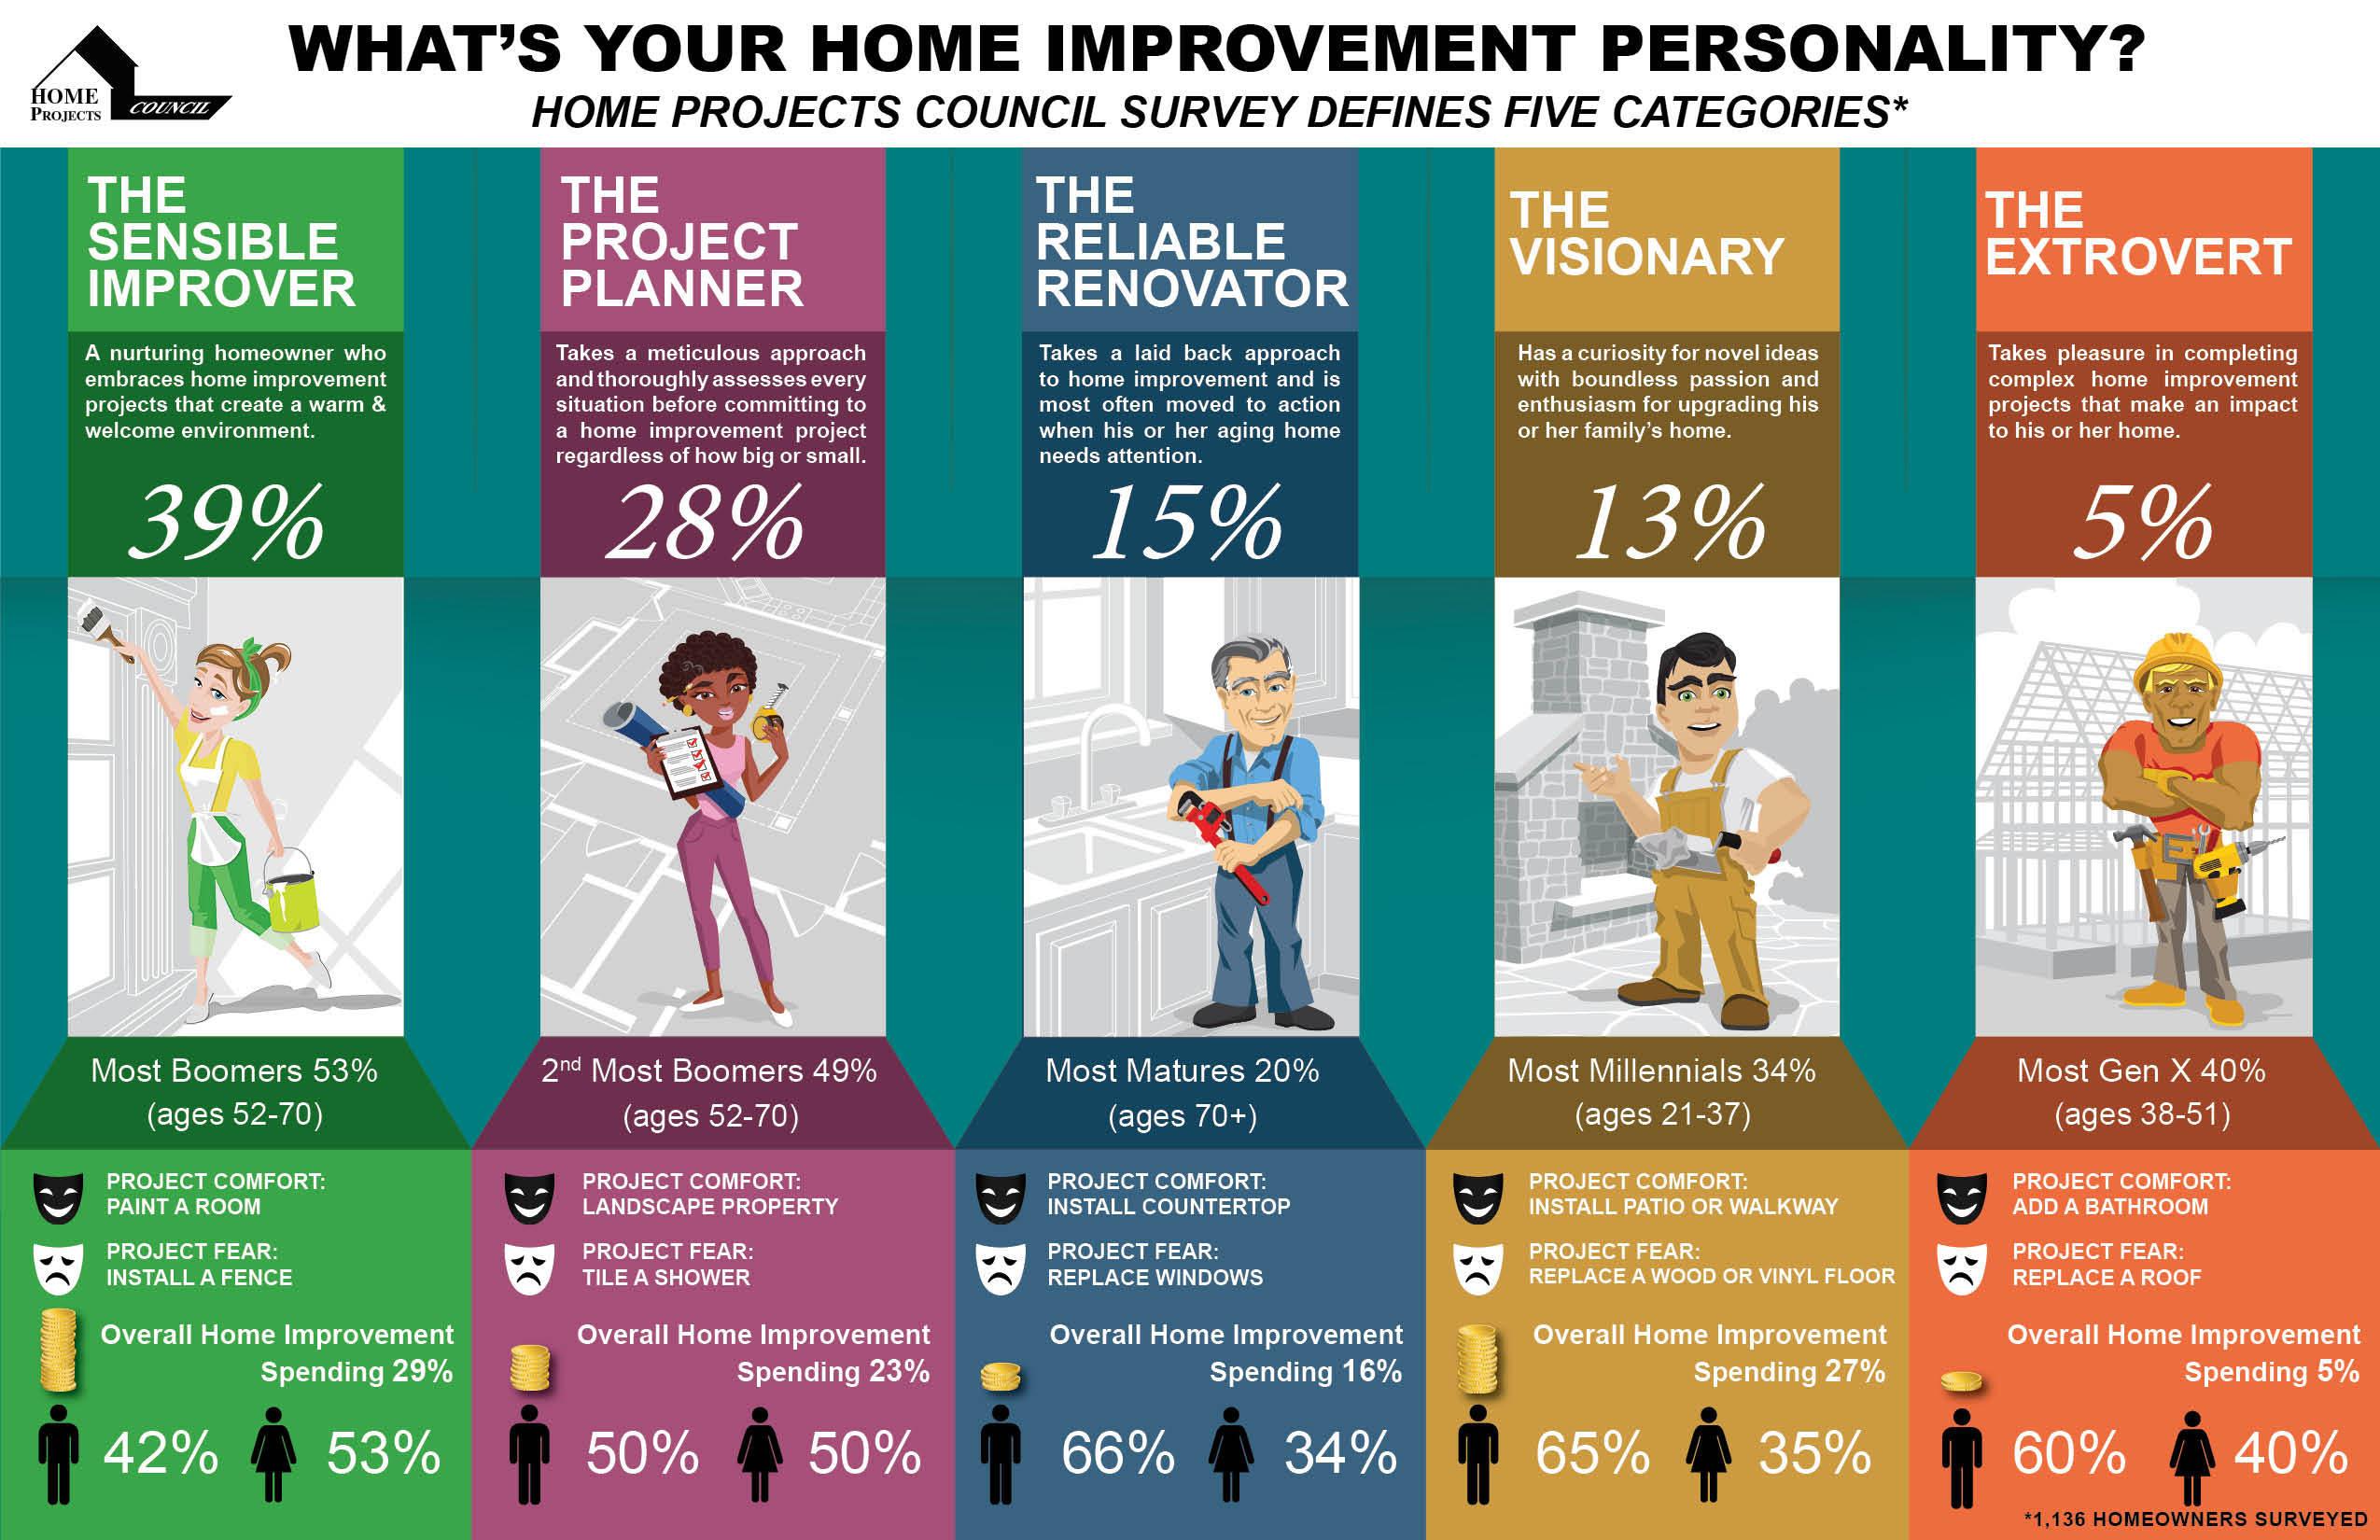 home projects council survey defines five home improvement